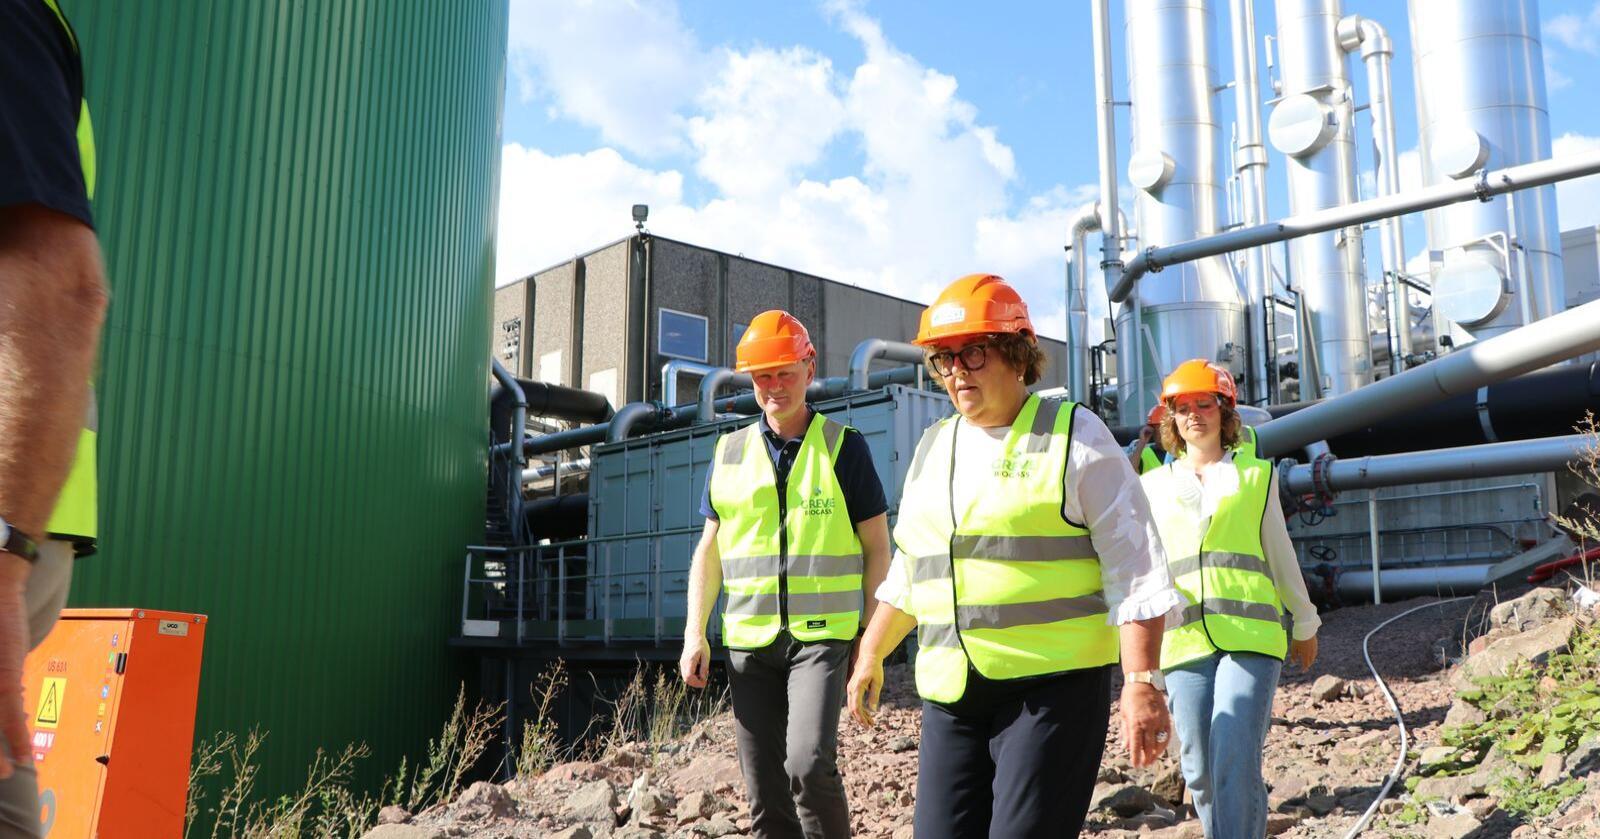 Landbruksministeren var på rundtur i Vesetfold for å se hvoran Borregaard og Greve Biogass jobber med sine fornybarsatsinger.